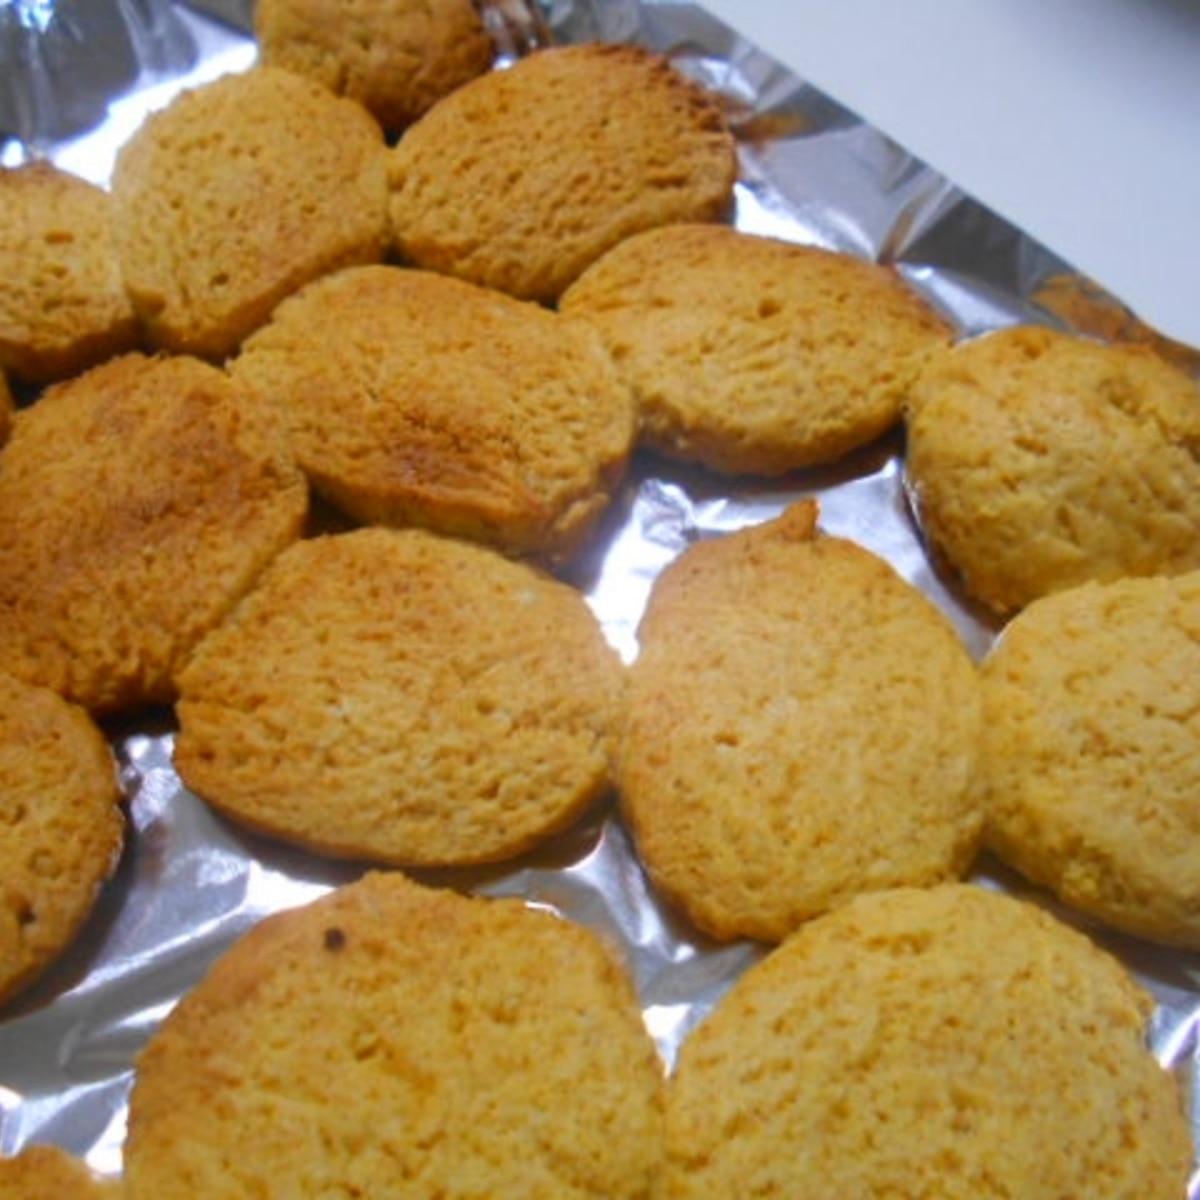 作り方 ホット ミックス クッキー の ケーキ